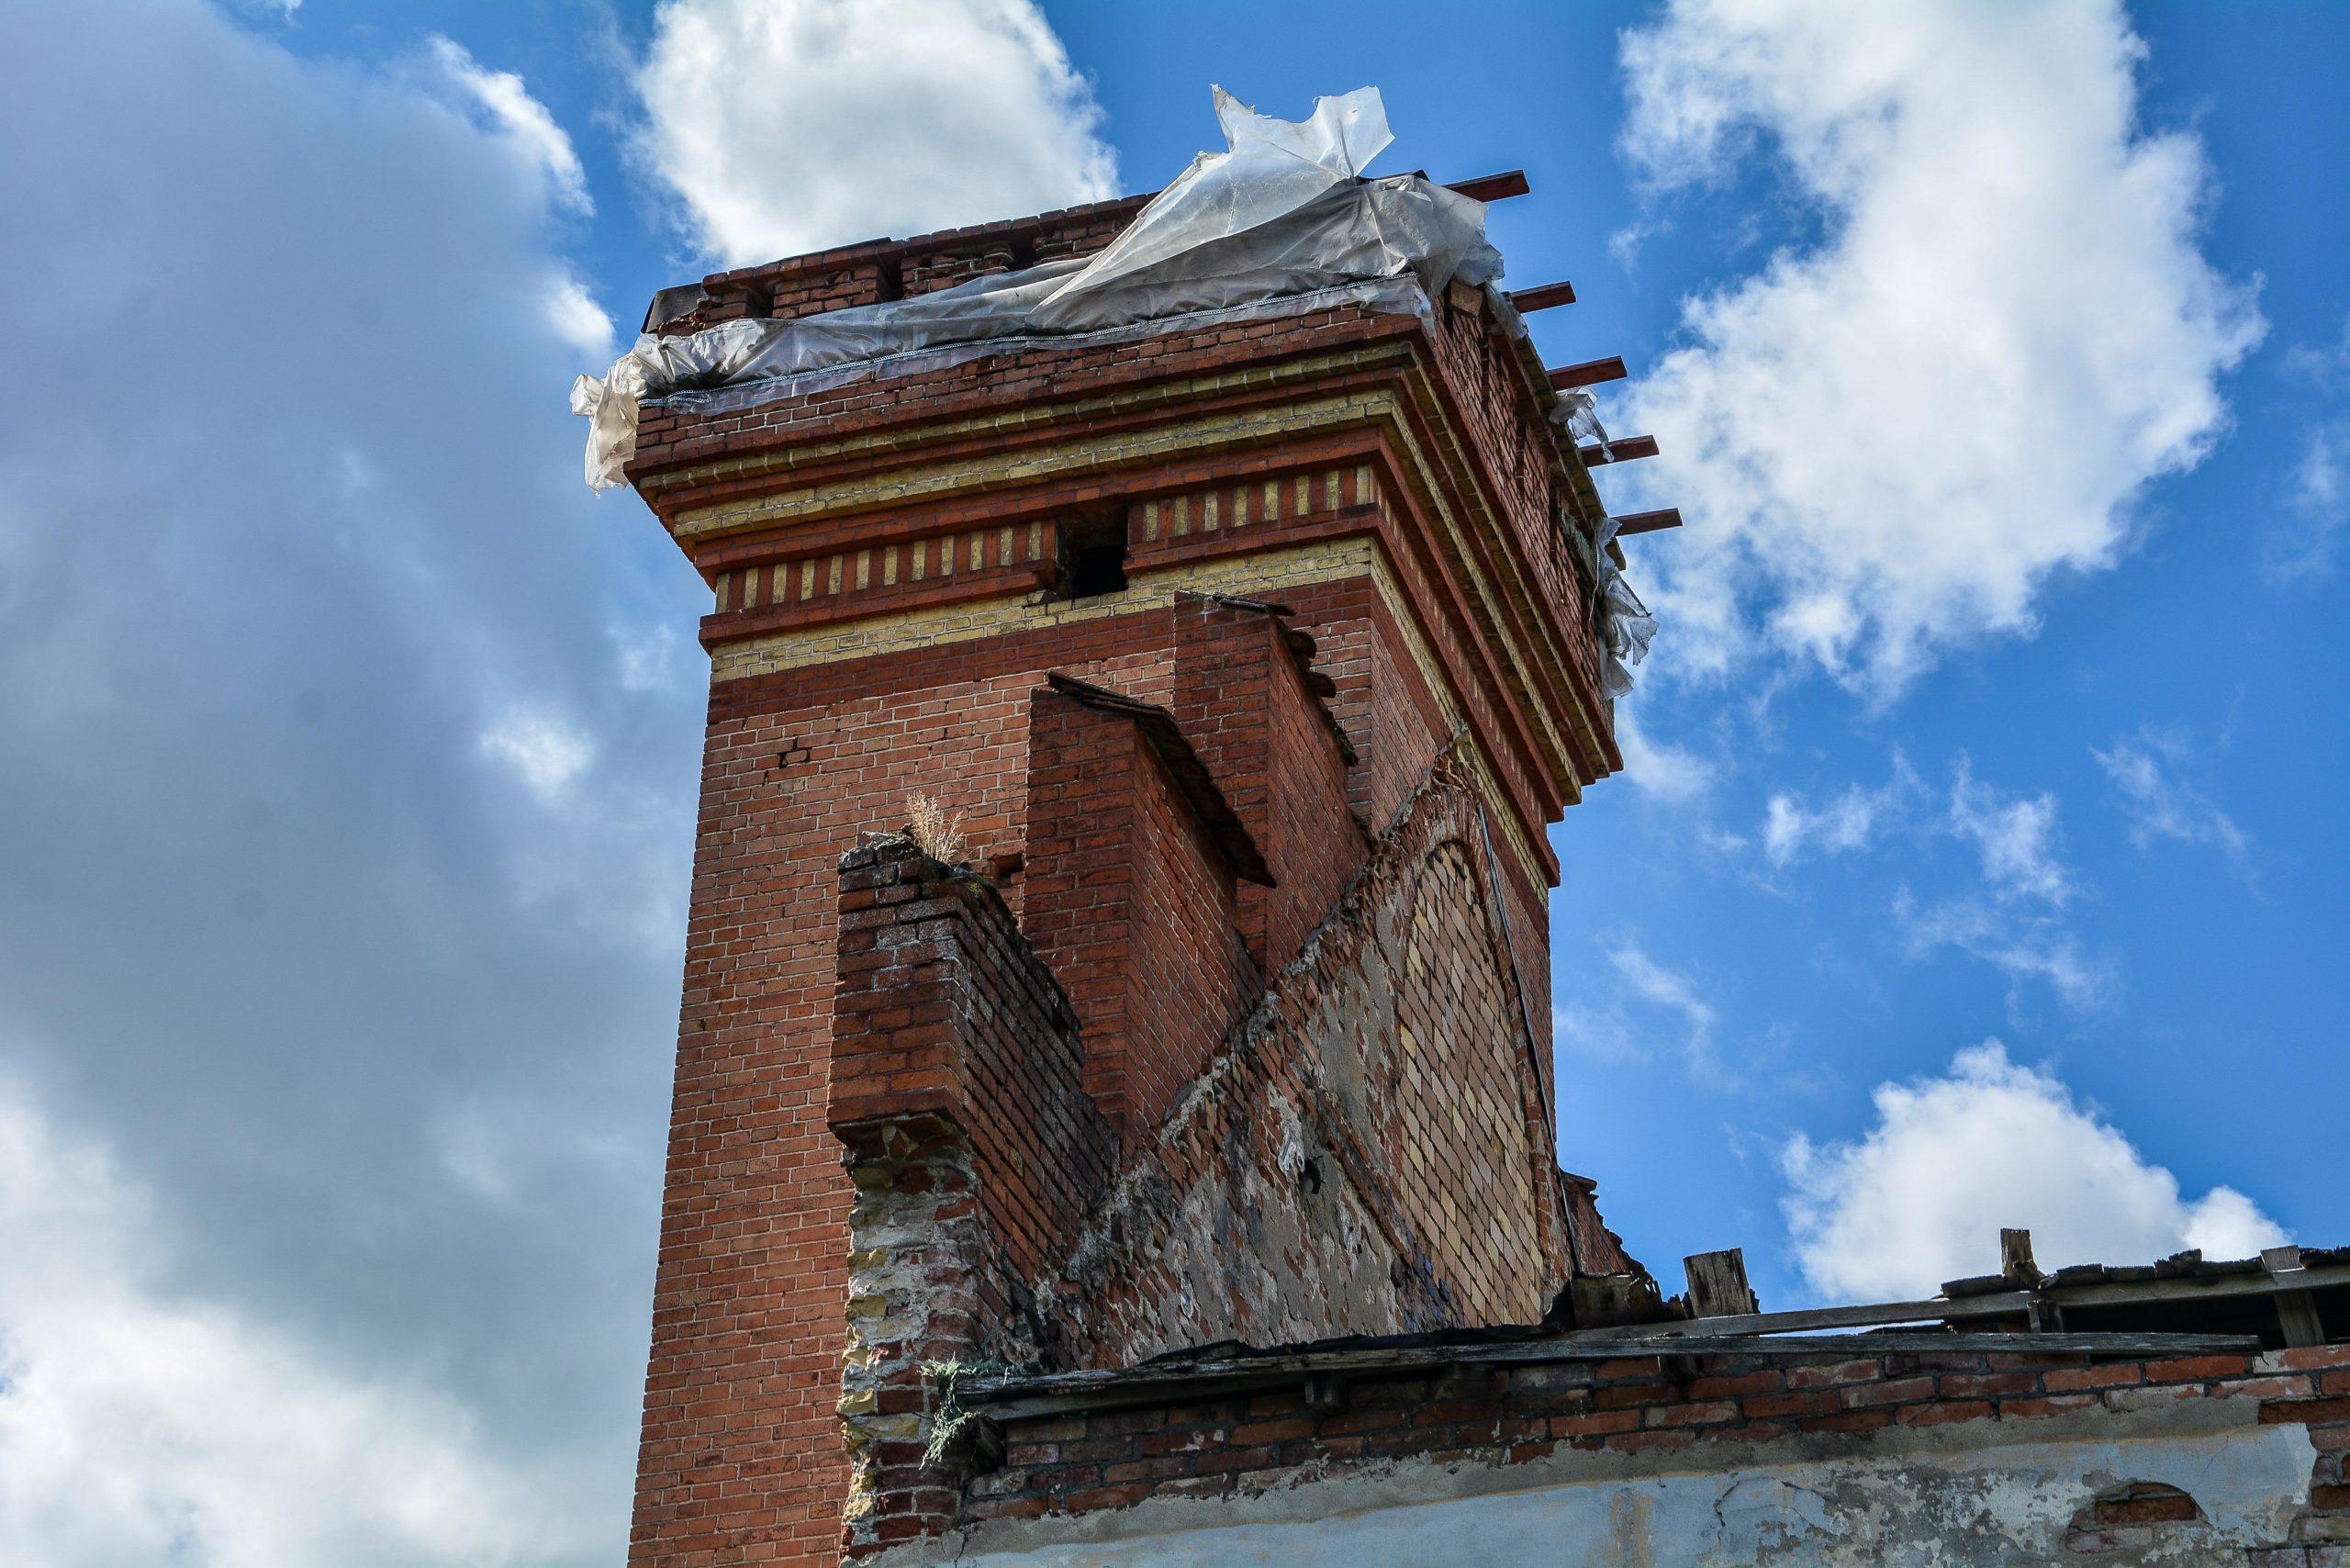 dachgiebel kornspeicher architektur historischer orientalismus herrenhaus gentzrode lost places brandenburg neuruppin gut gentzrode ost deutschland urbex abandoned